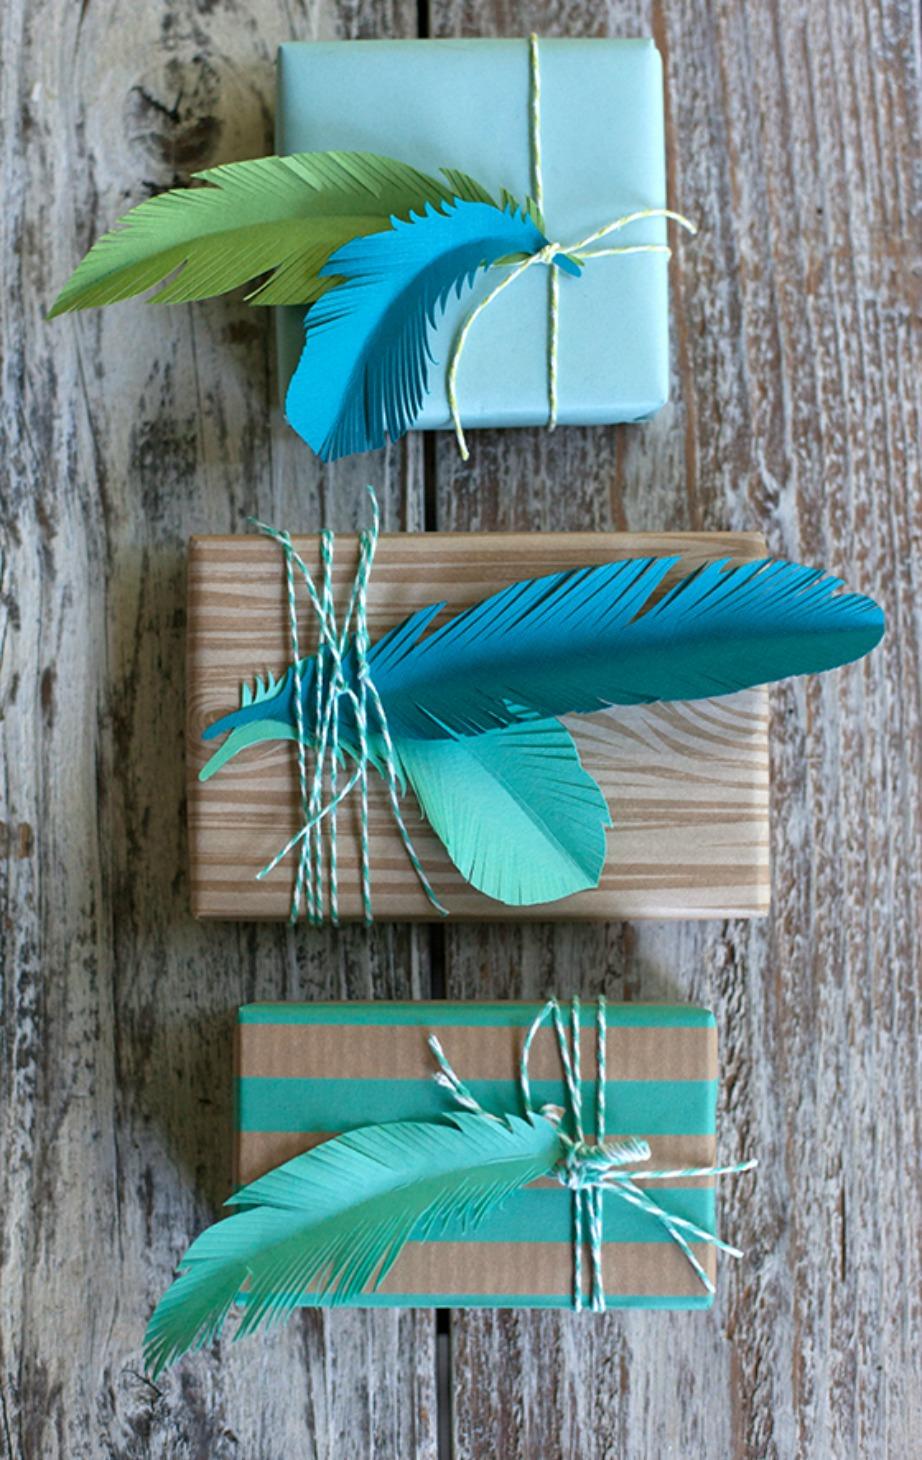 Φτιάξτε φανταστικά φτερά από χαρτί για να διακοσμήσετε τα δώρα σας.